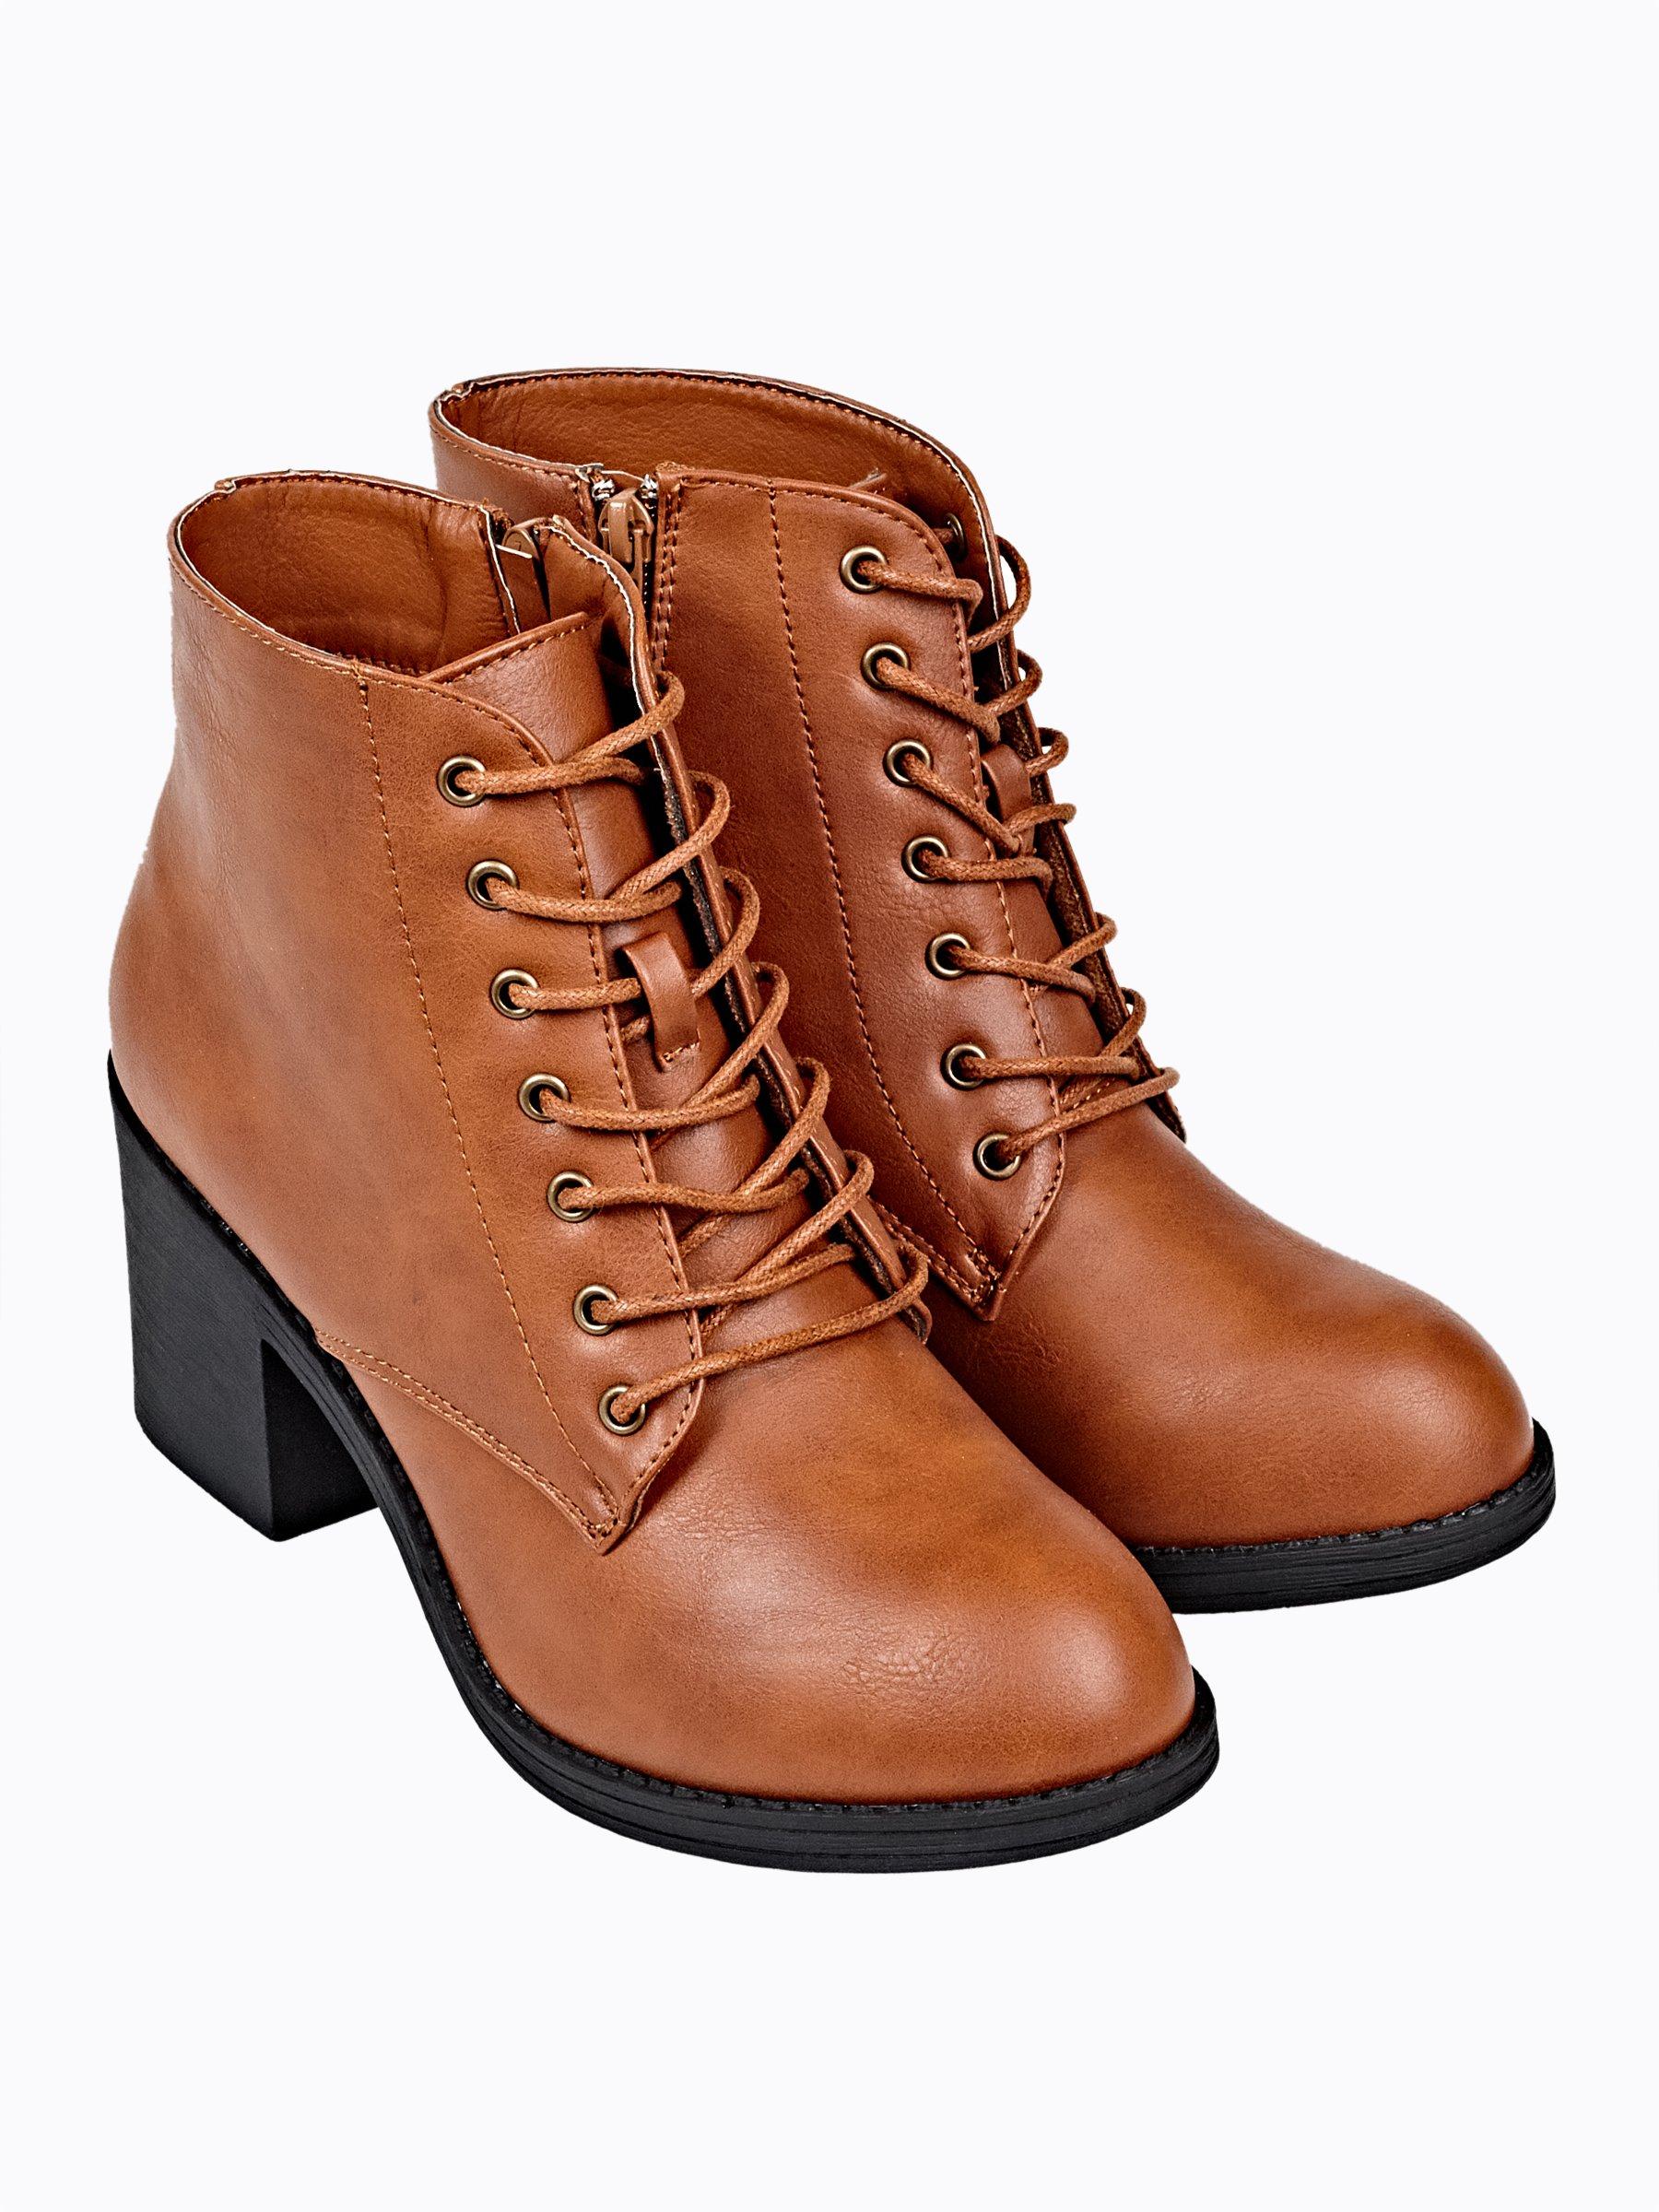 6cd410aca30c87 Sznurowane buty do kostki na obcasie | GATE